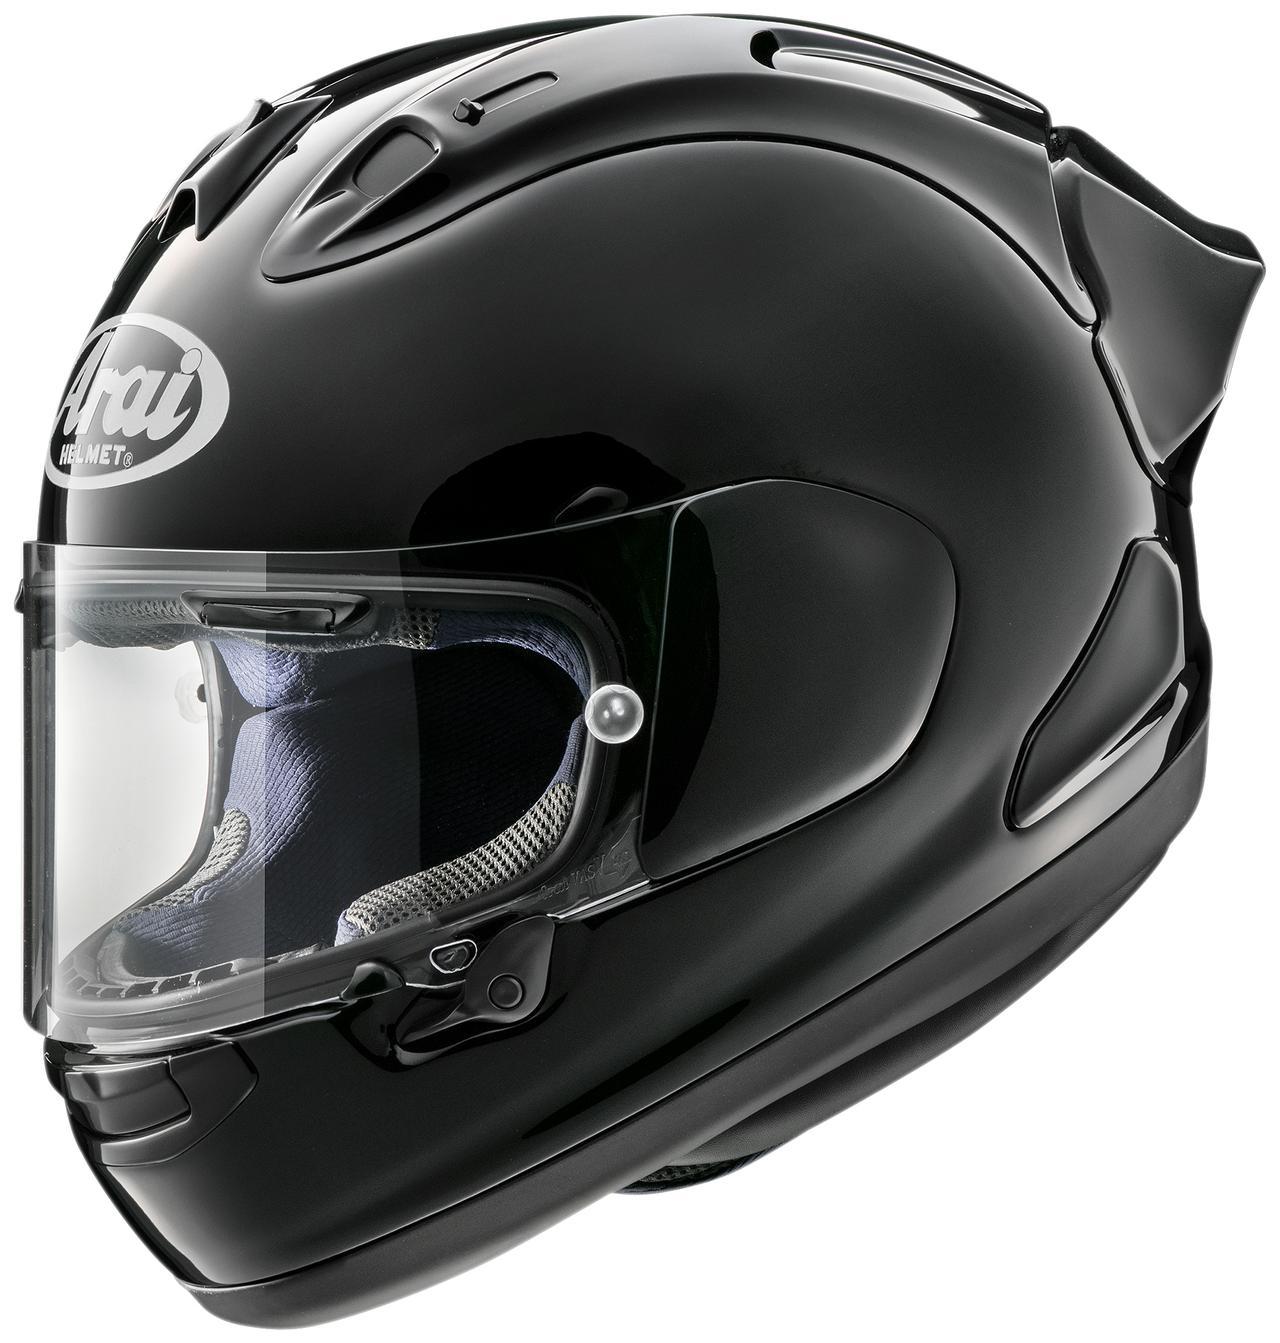 Images : 6番目の画像 - アライヘルメット「RX-7X FIM Racing #1」の写真をもっと見る! - webオートバイ